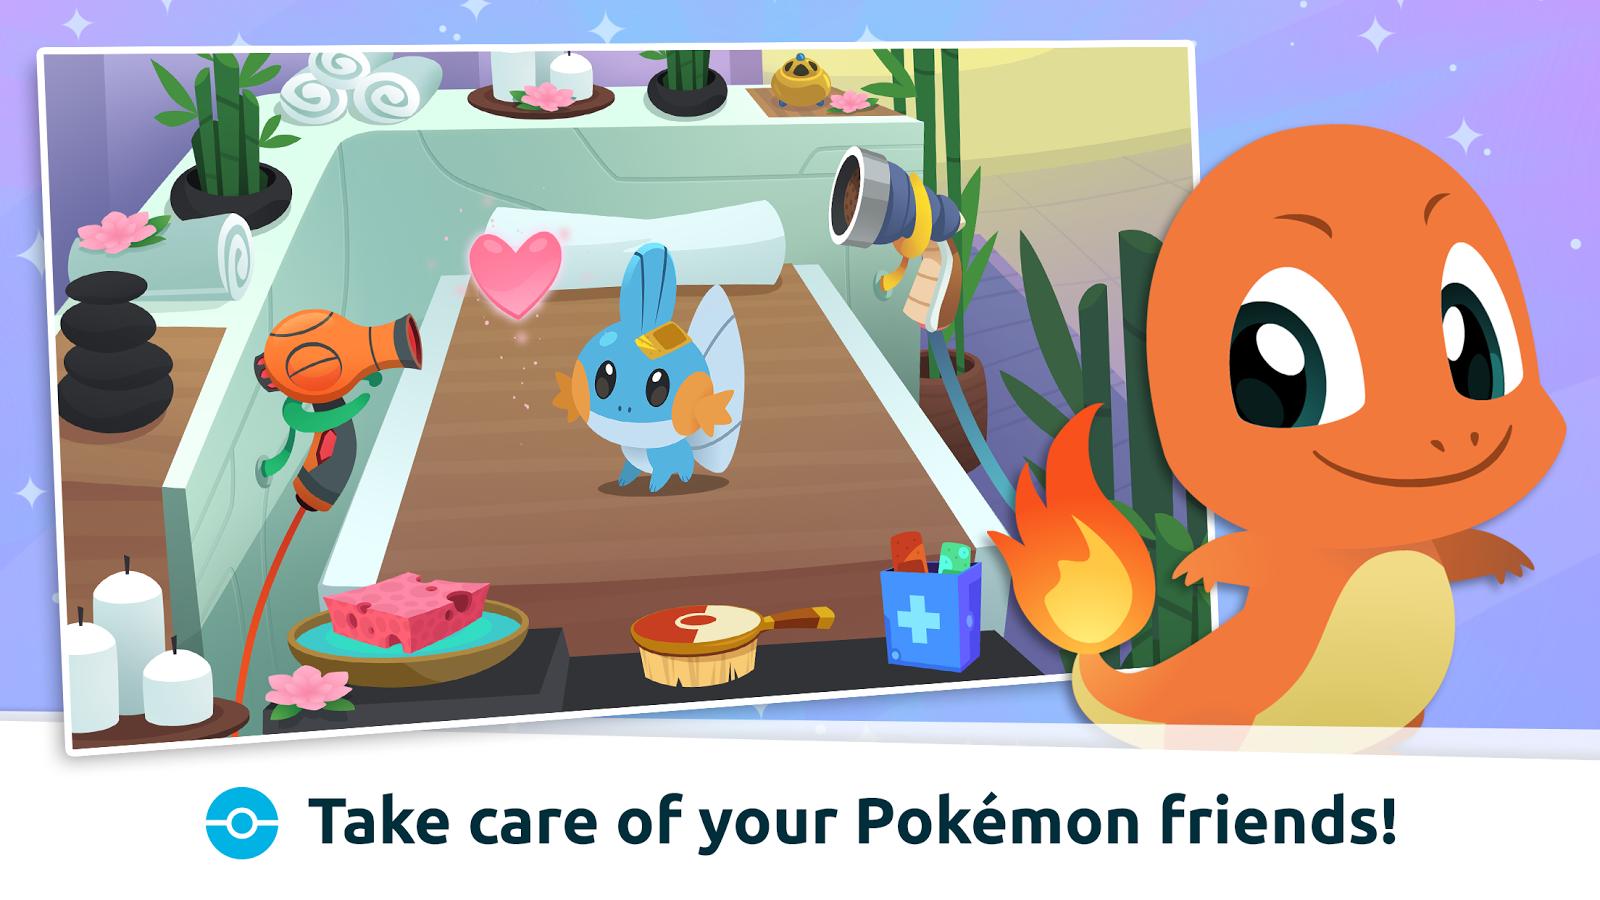 PokéNews (Sept. 21): Pokémon Playhouse / Pokémon Sun And